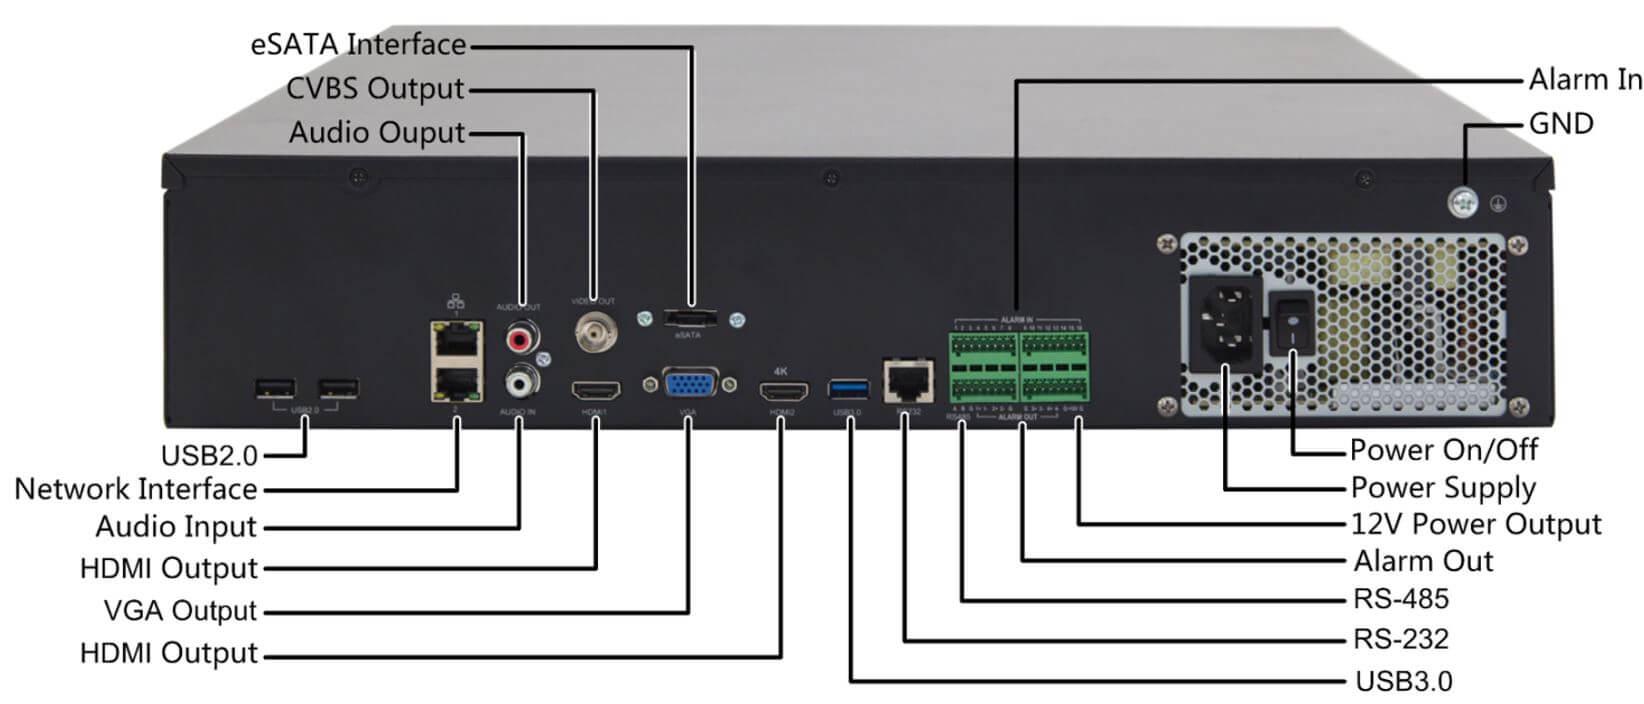 نمونهای از Back Panel یک دستگاه NVR